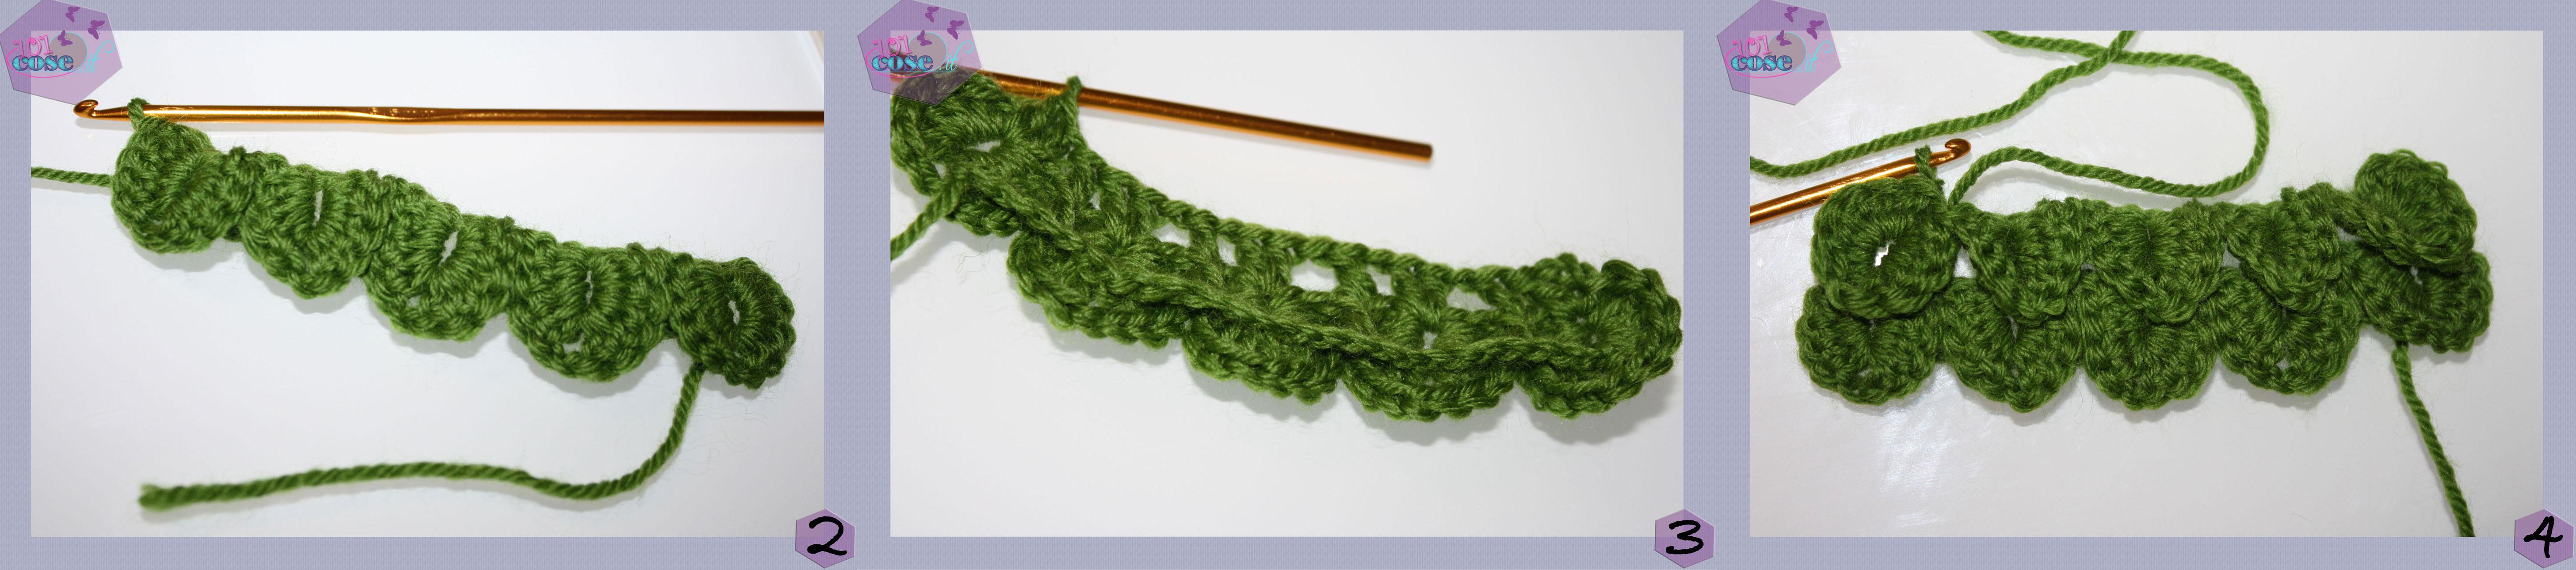 Tutorial cappelli di lana per albero di natale – Disegni di Natale 2019 3db0a8249a8f